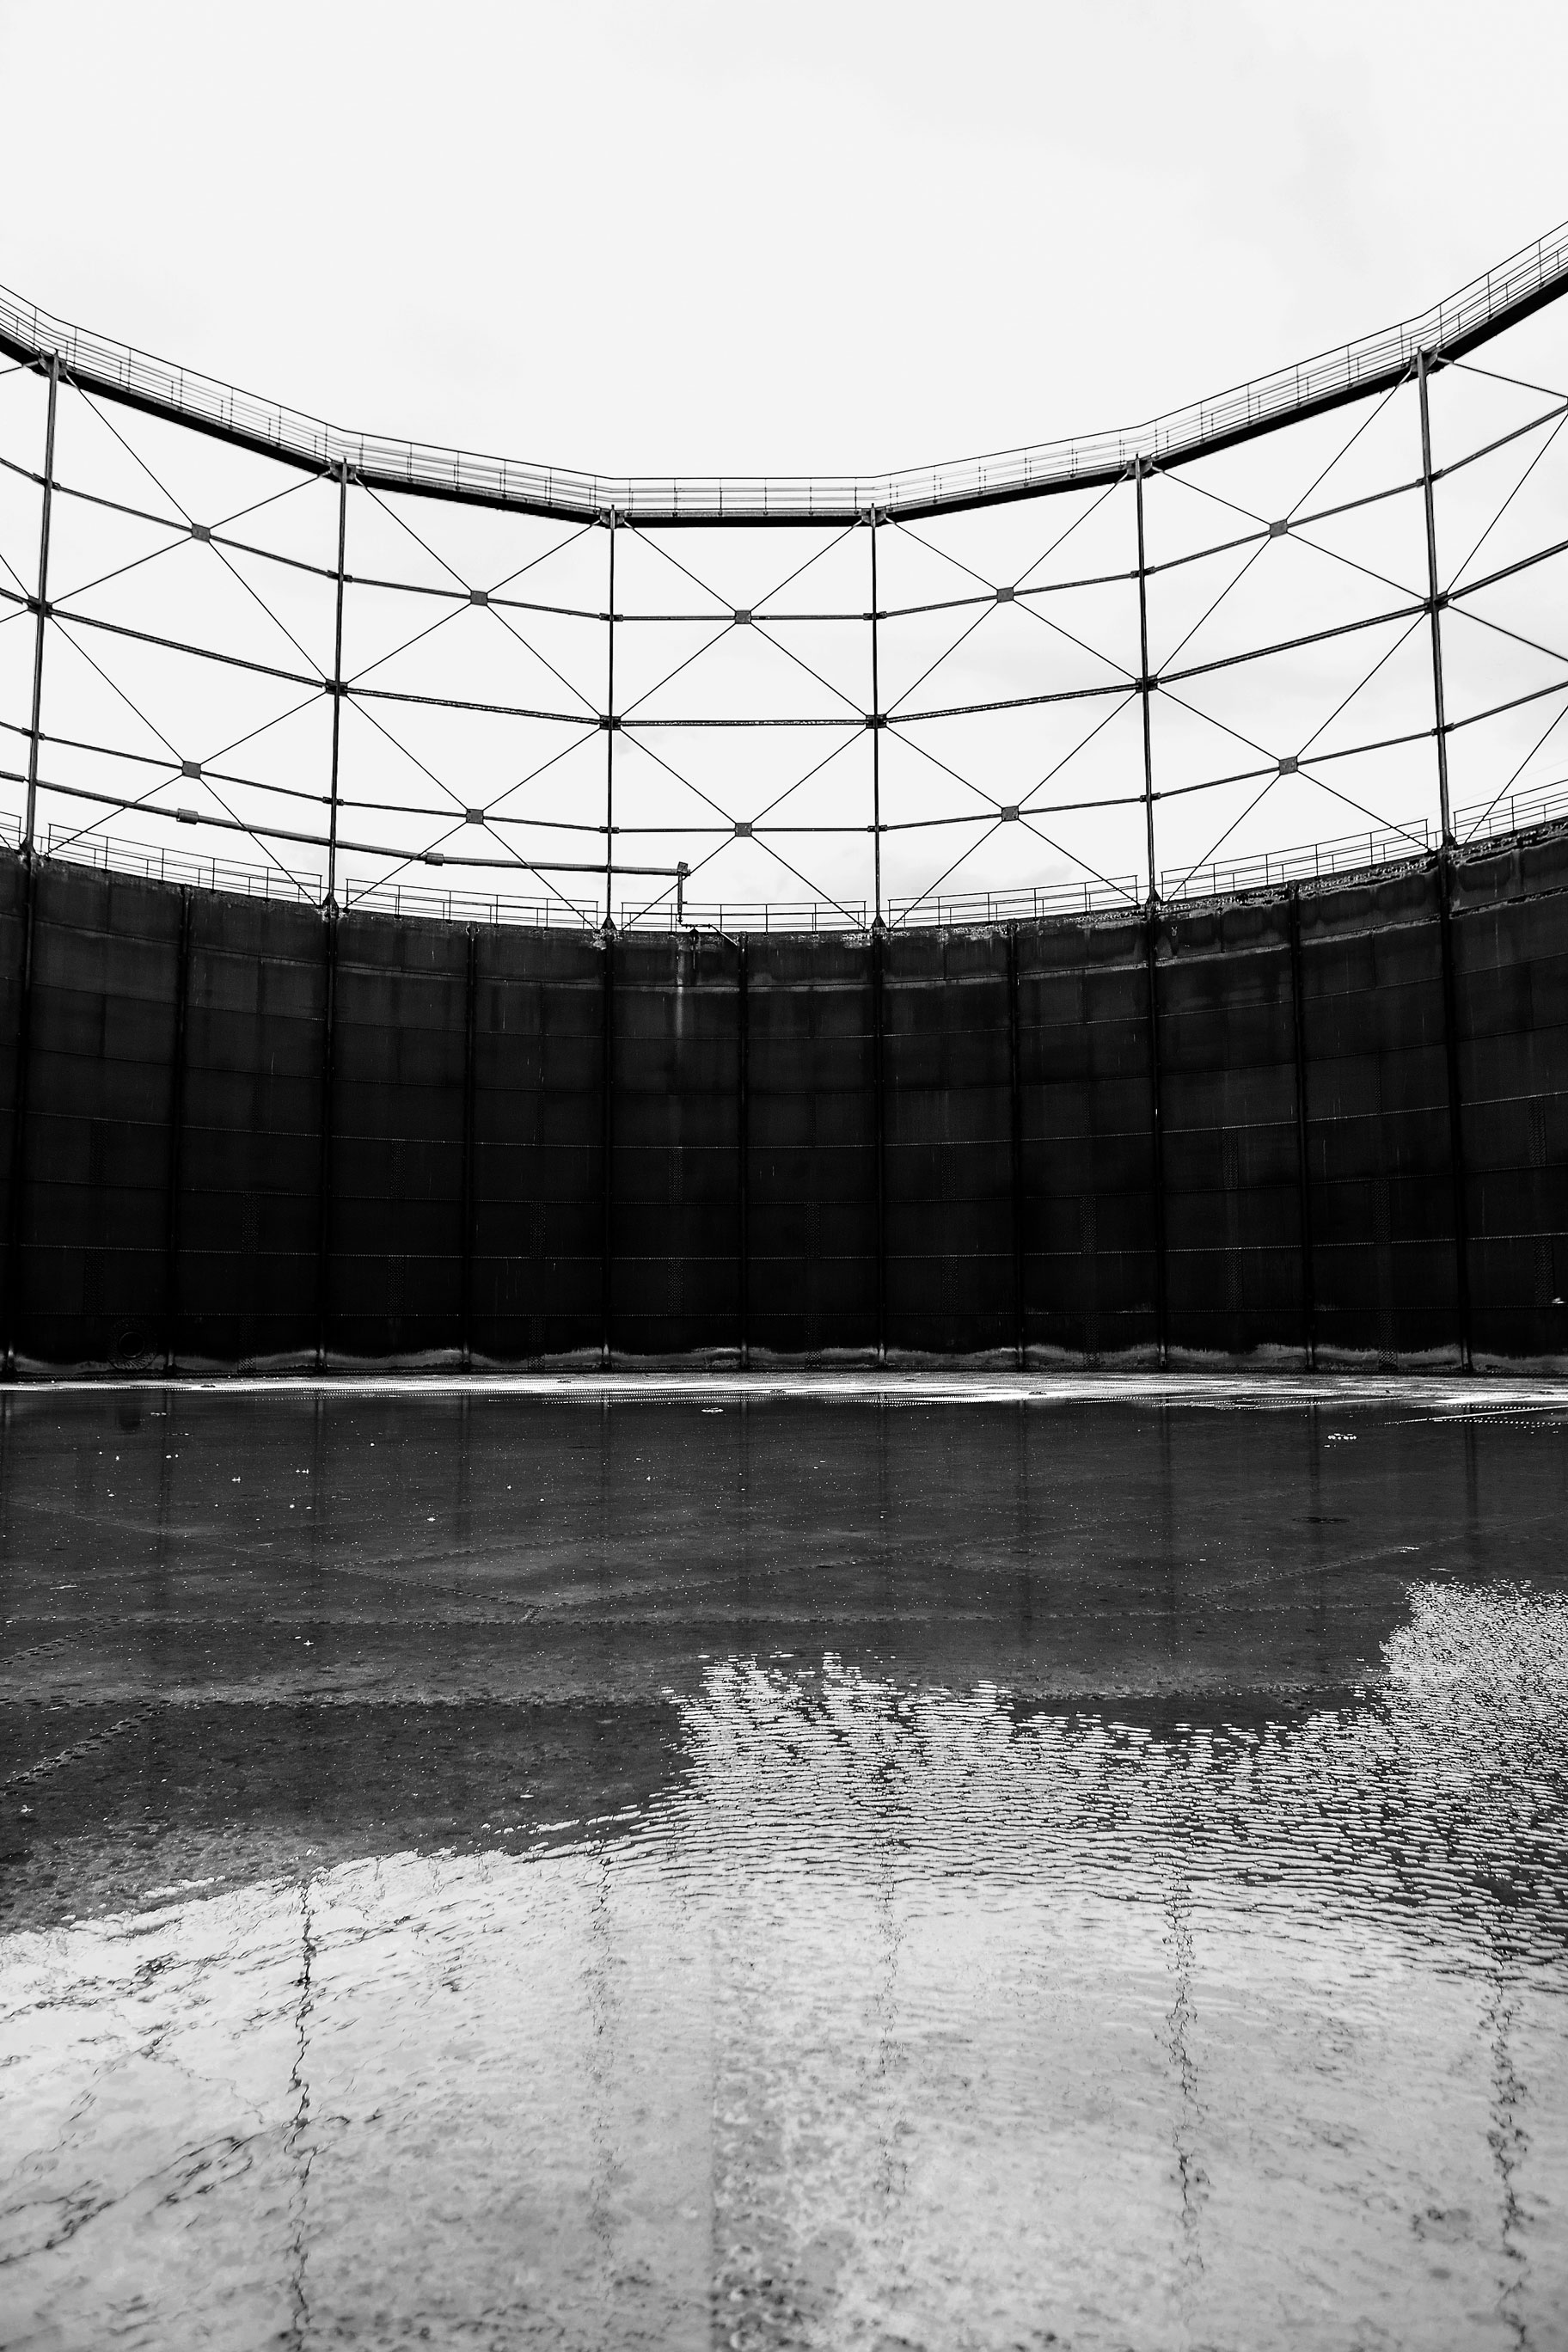 Zollverein_bw_08.jpg